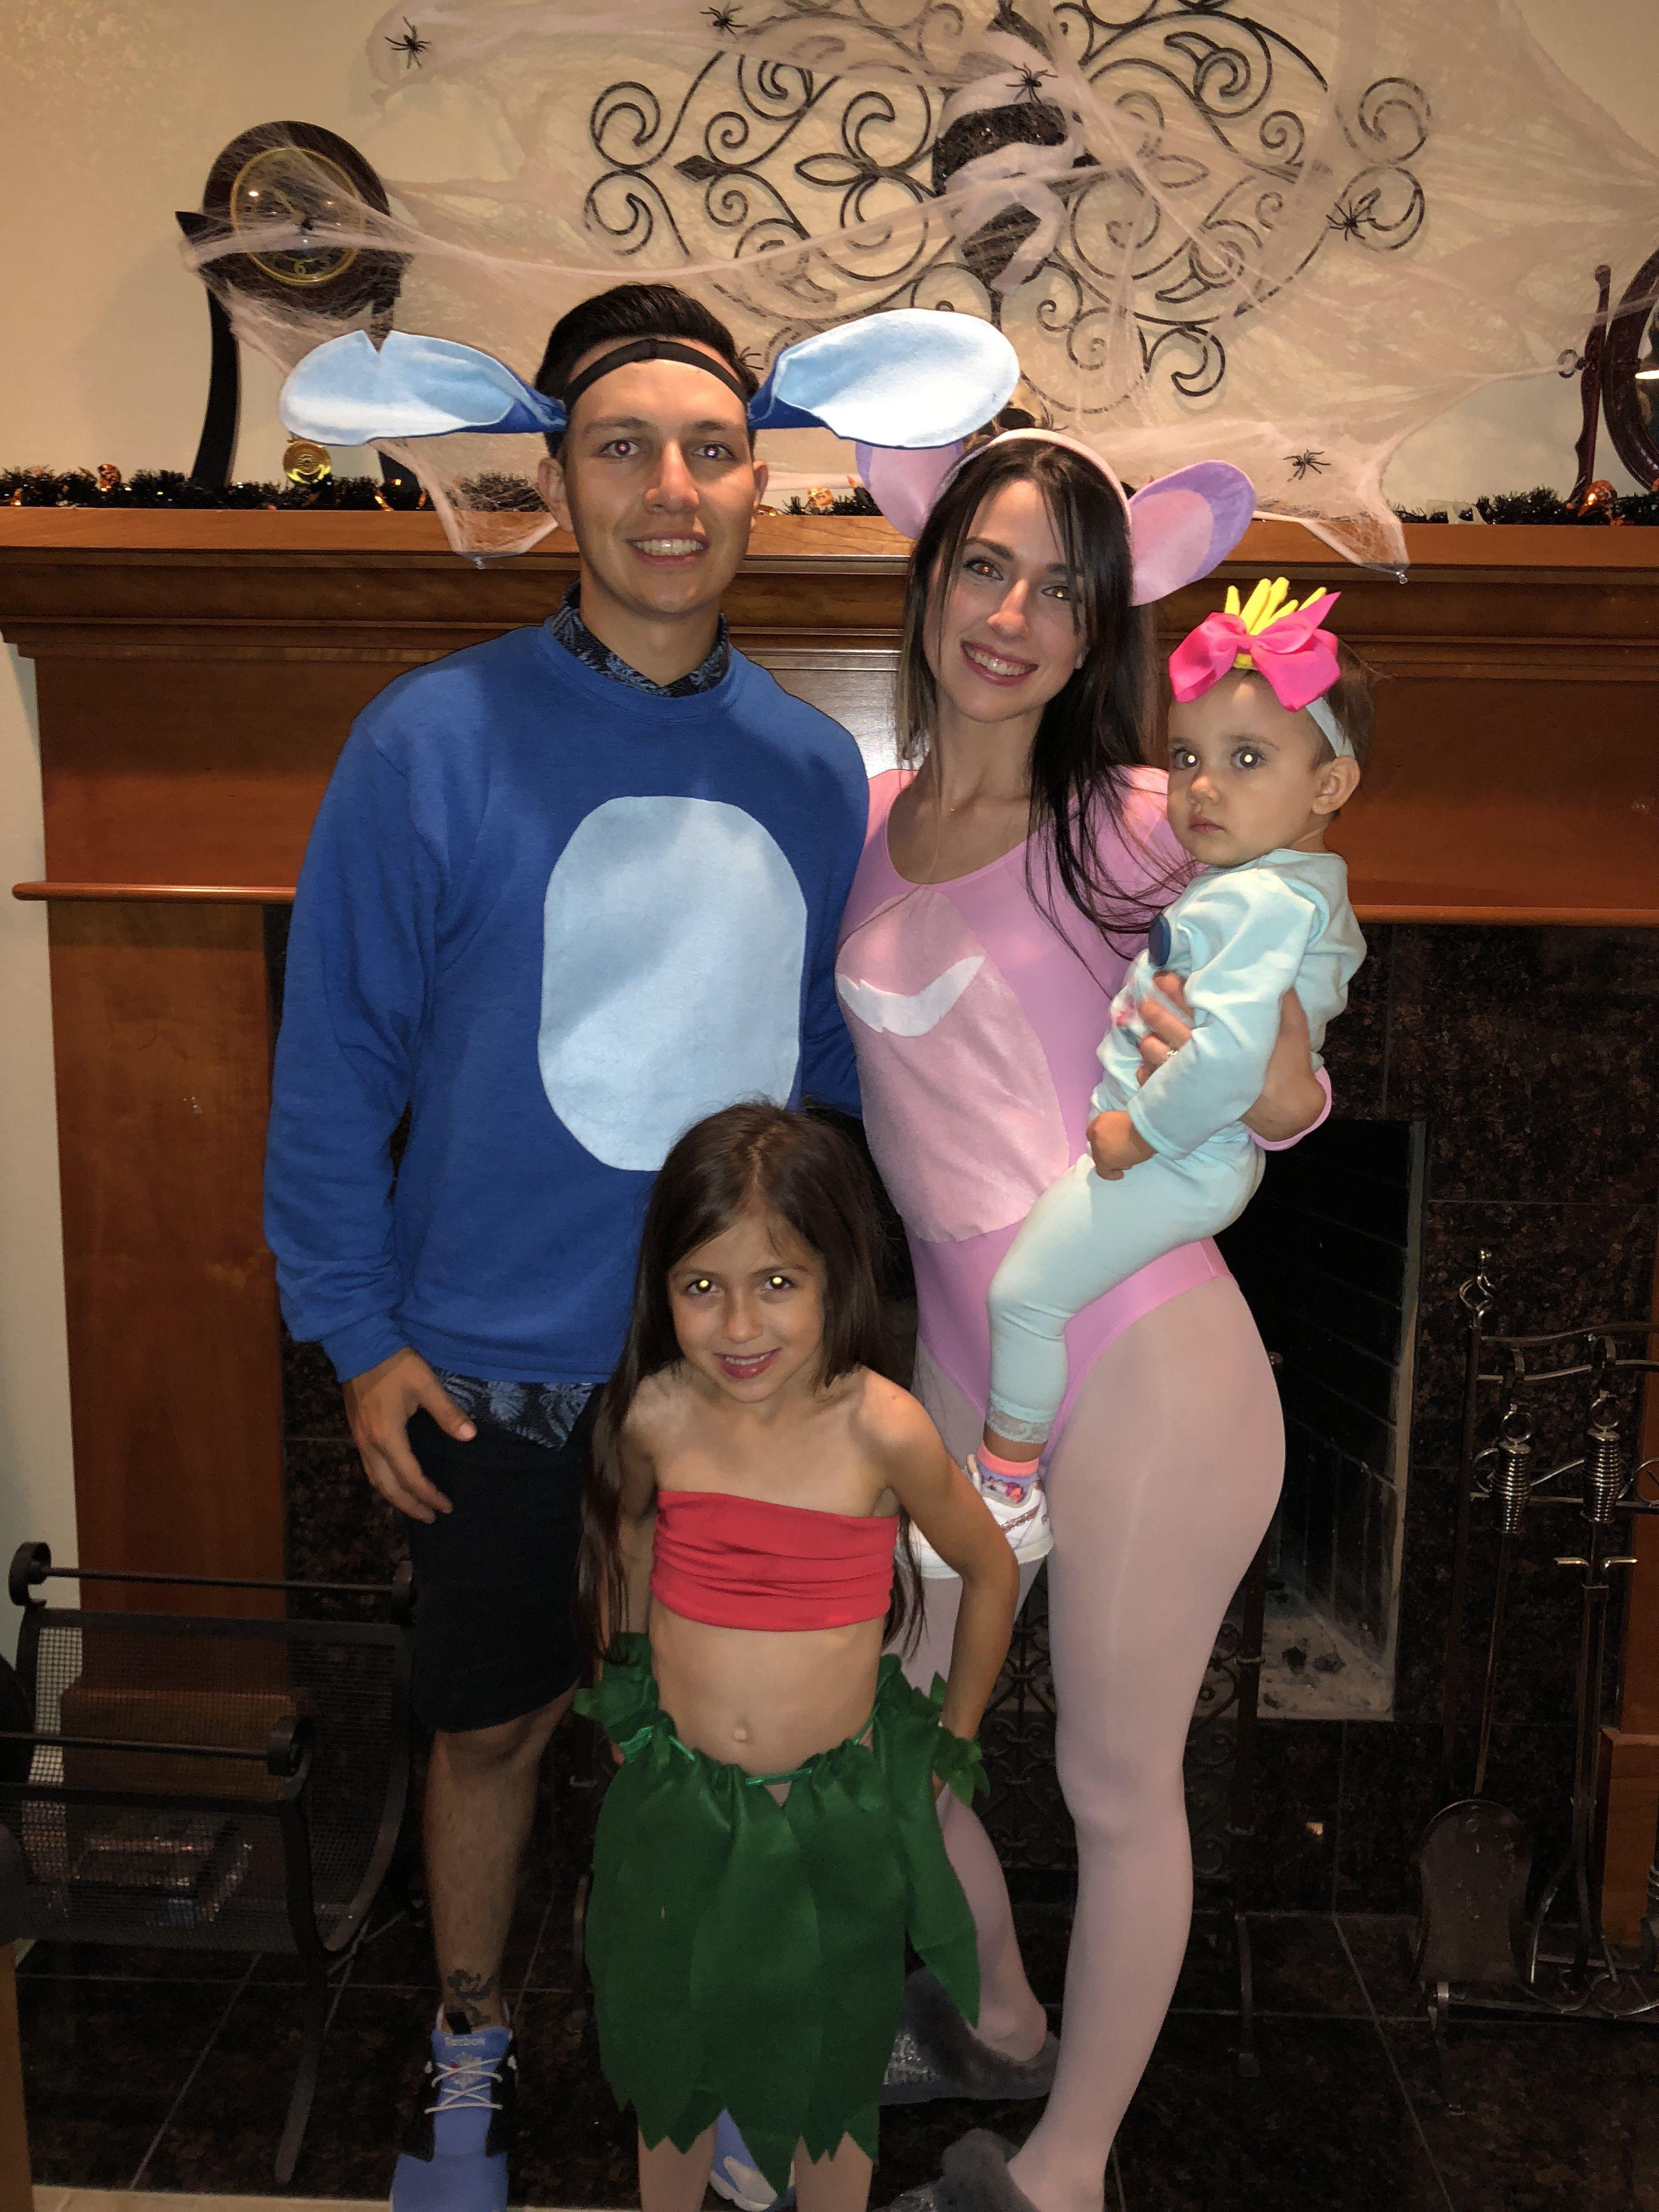 Lilo And Stitch Lilo And Stitch Costume Kids Family Costumes Lilo And Stitch Costume